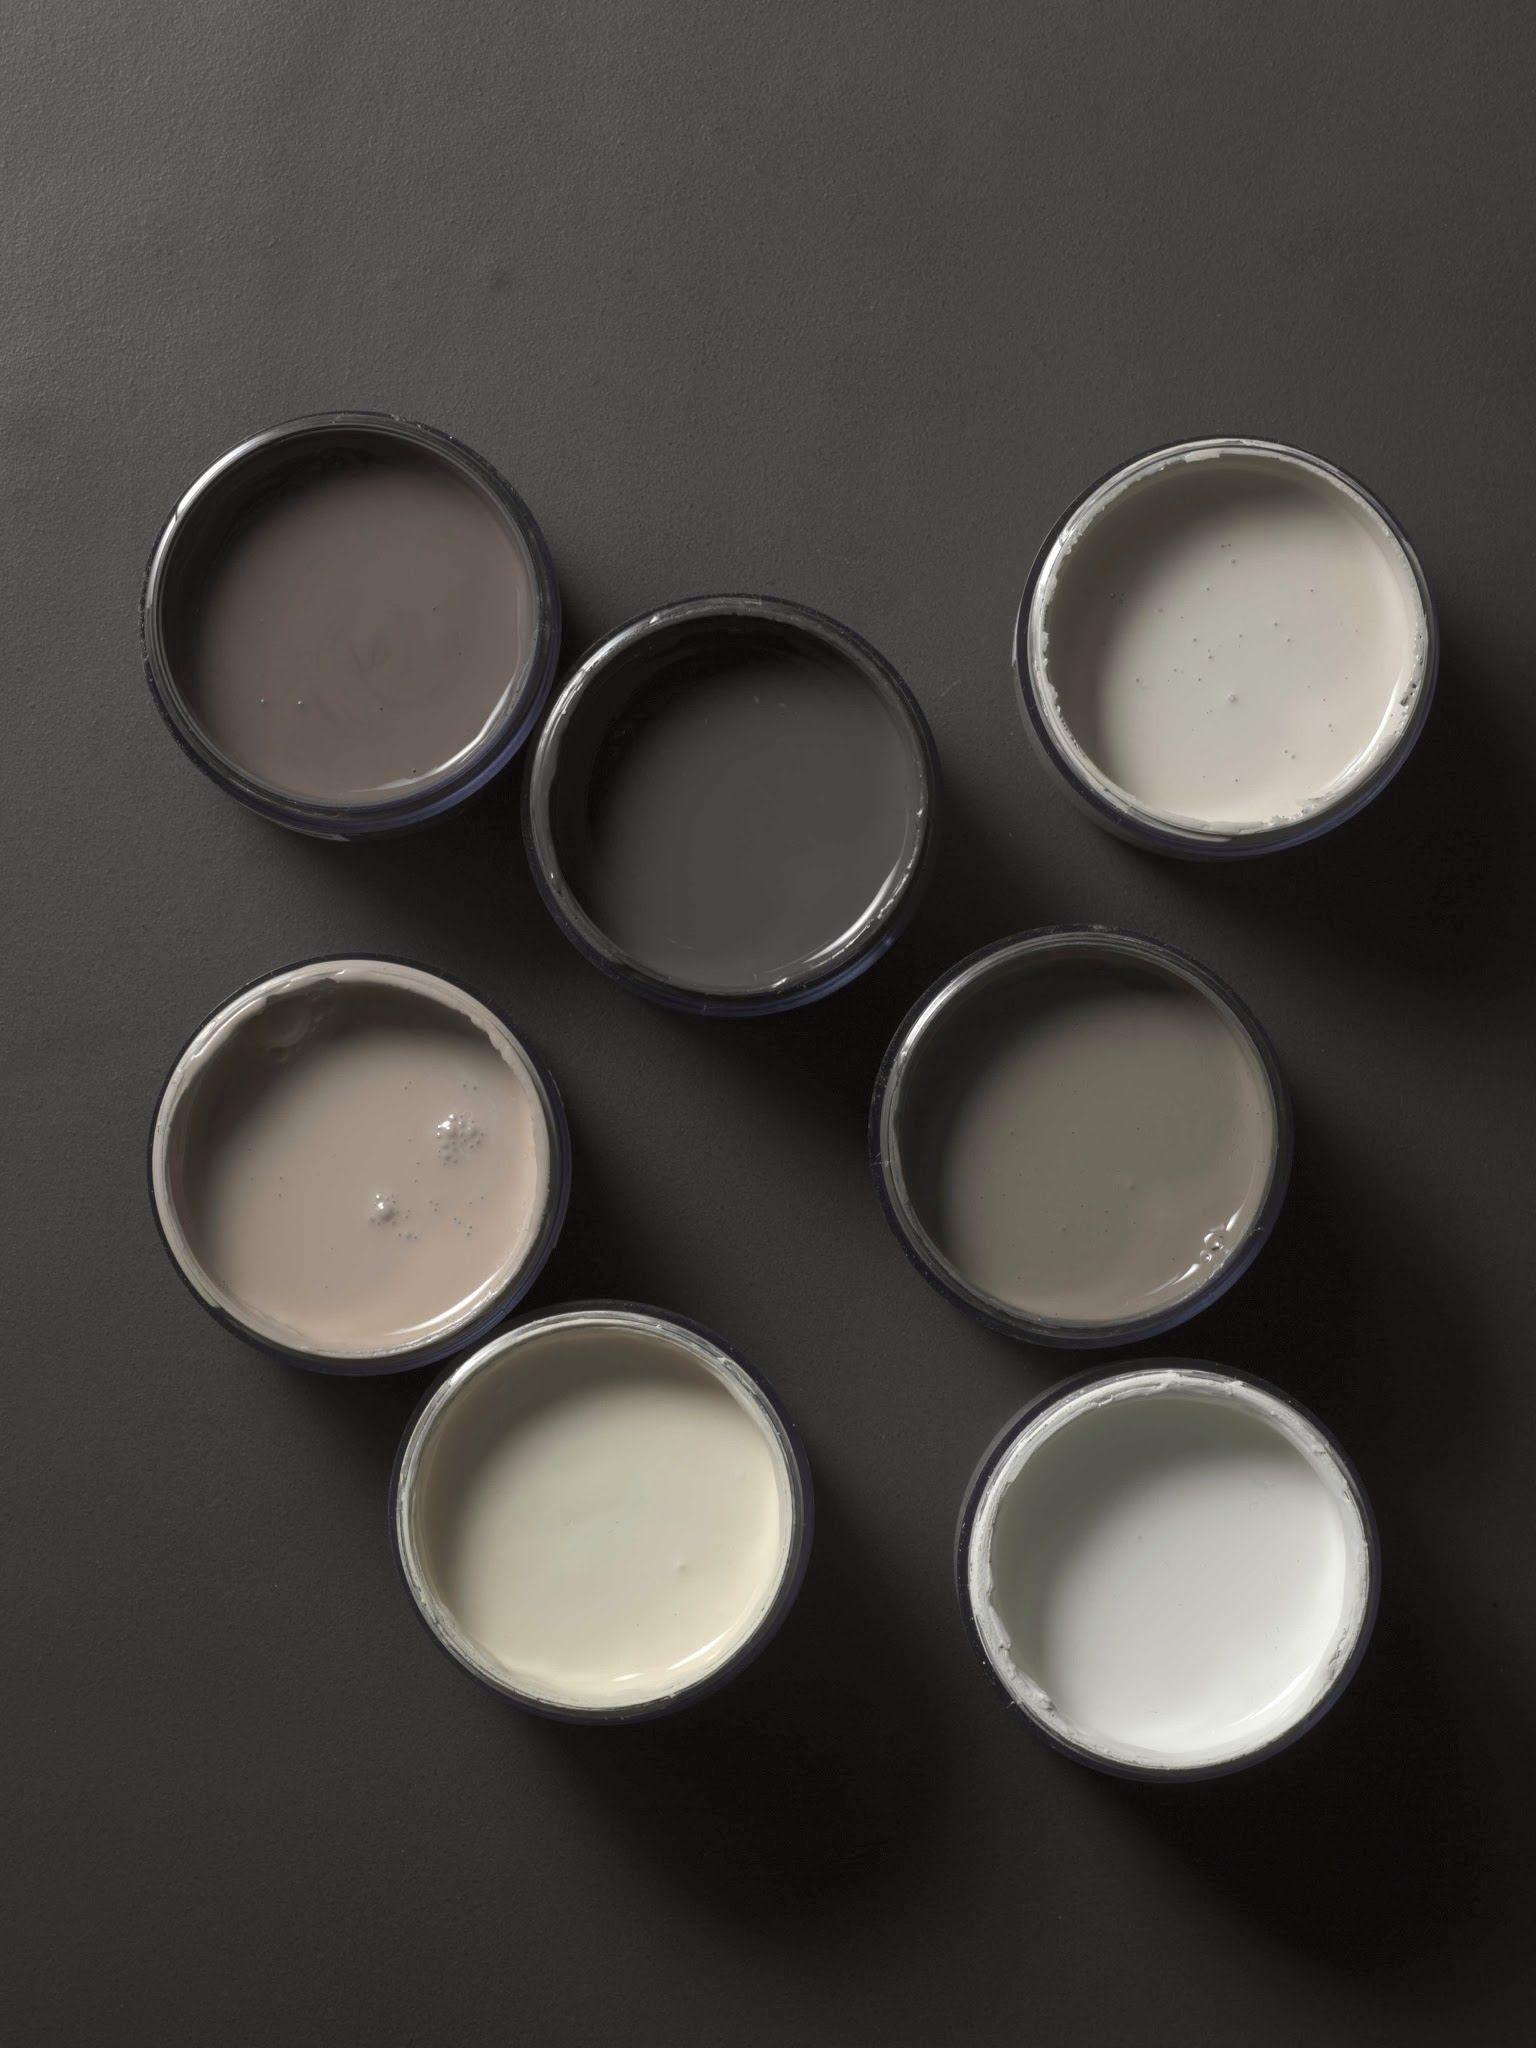 Paleta grises pintura muebles y paredes pinterest for Paleta colores gris